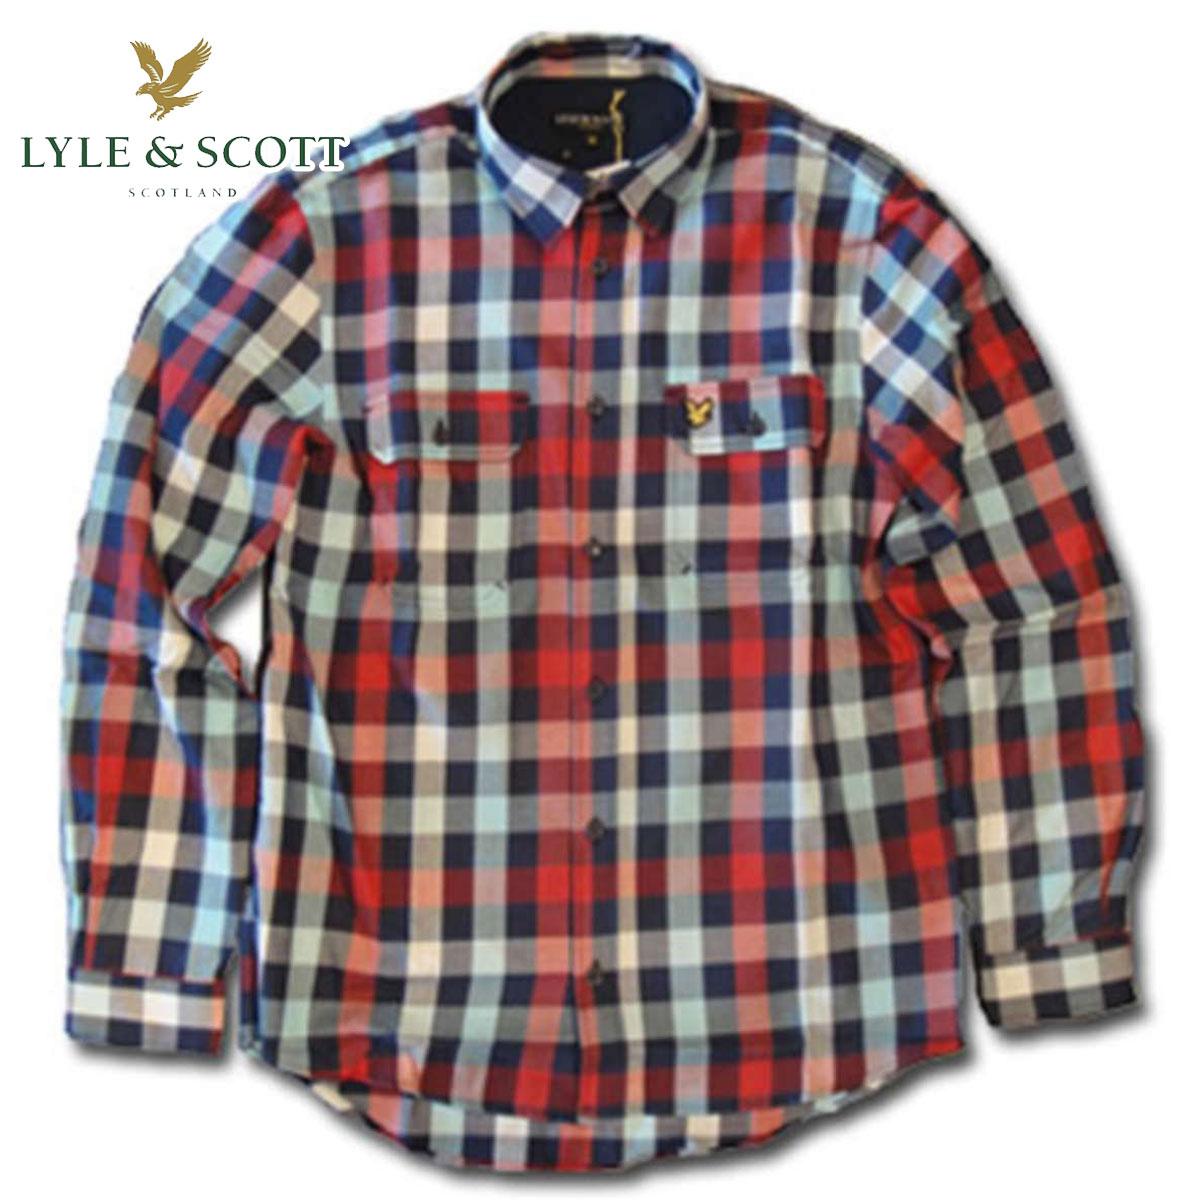 ライルアンドスコット LYLE&SCOTT 正規販売店 BUTTON DOWN CHECK SHIRT ボタンダウンシャツ ブルーレッド D3 敬老の日 プレゼント